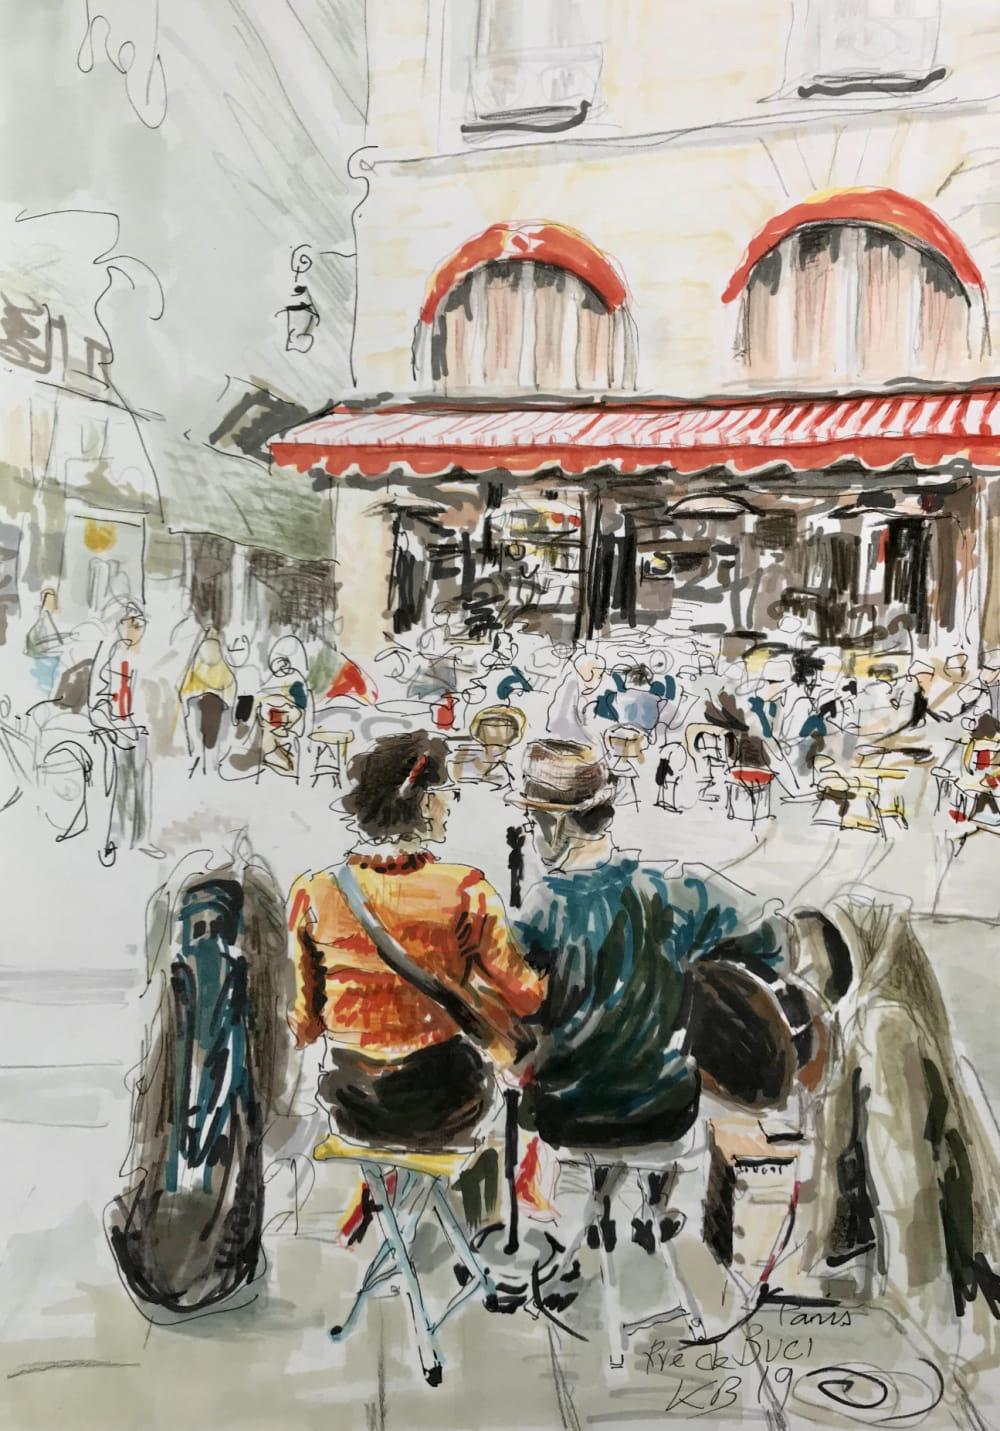 Rue de Buci - Karin Boinet